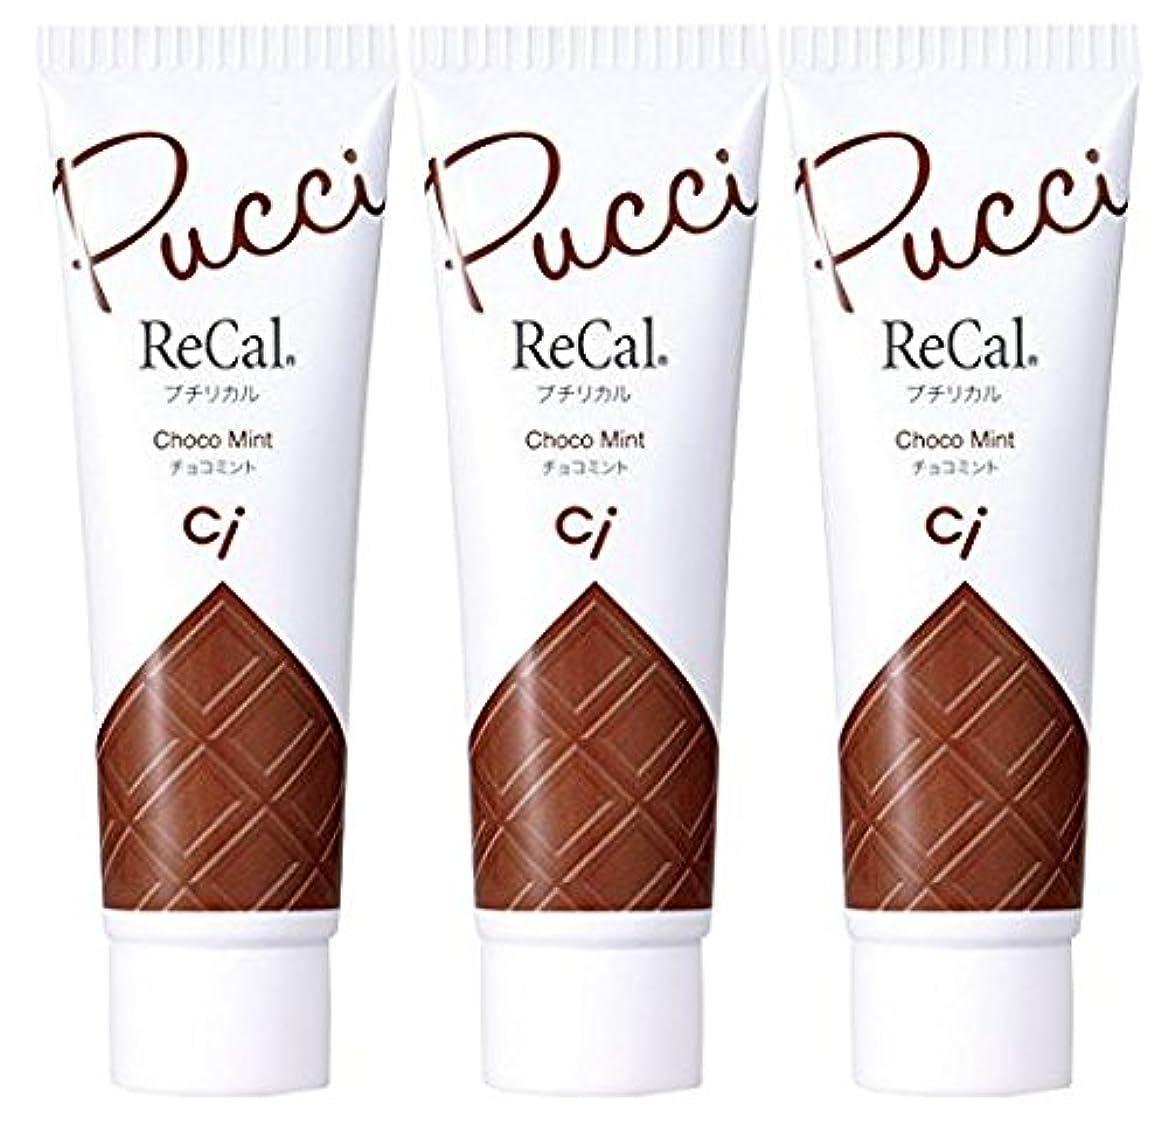 予測子引退する熟すプチリカル チョコミント 3本